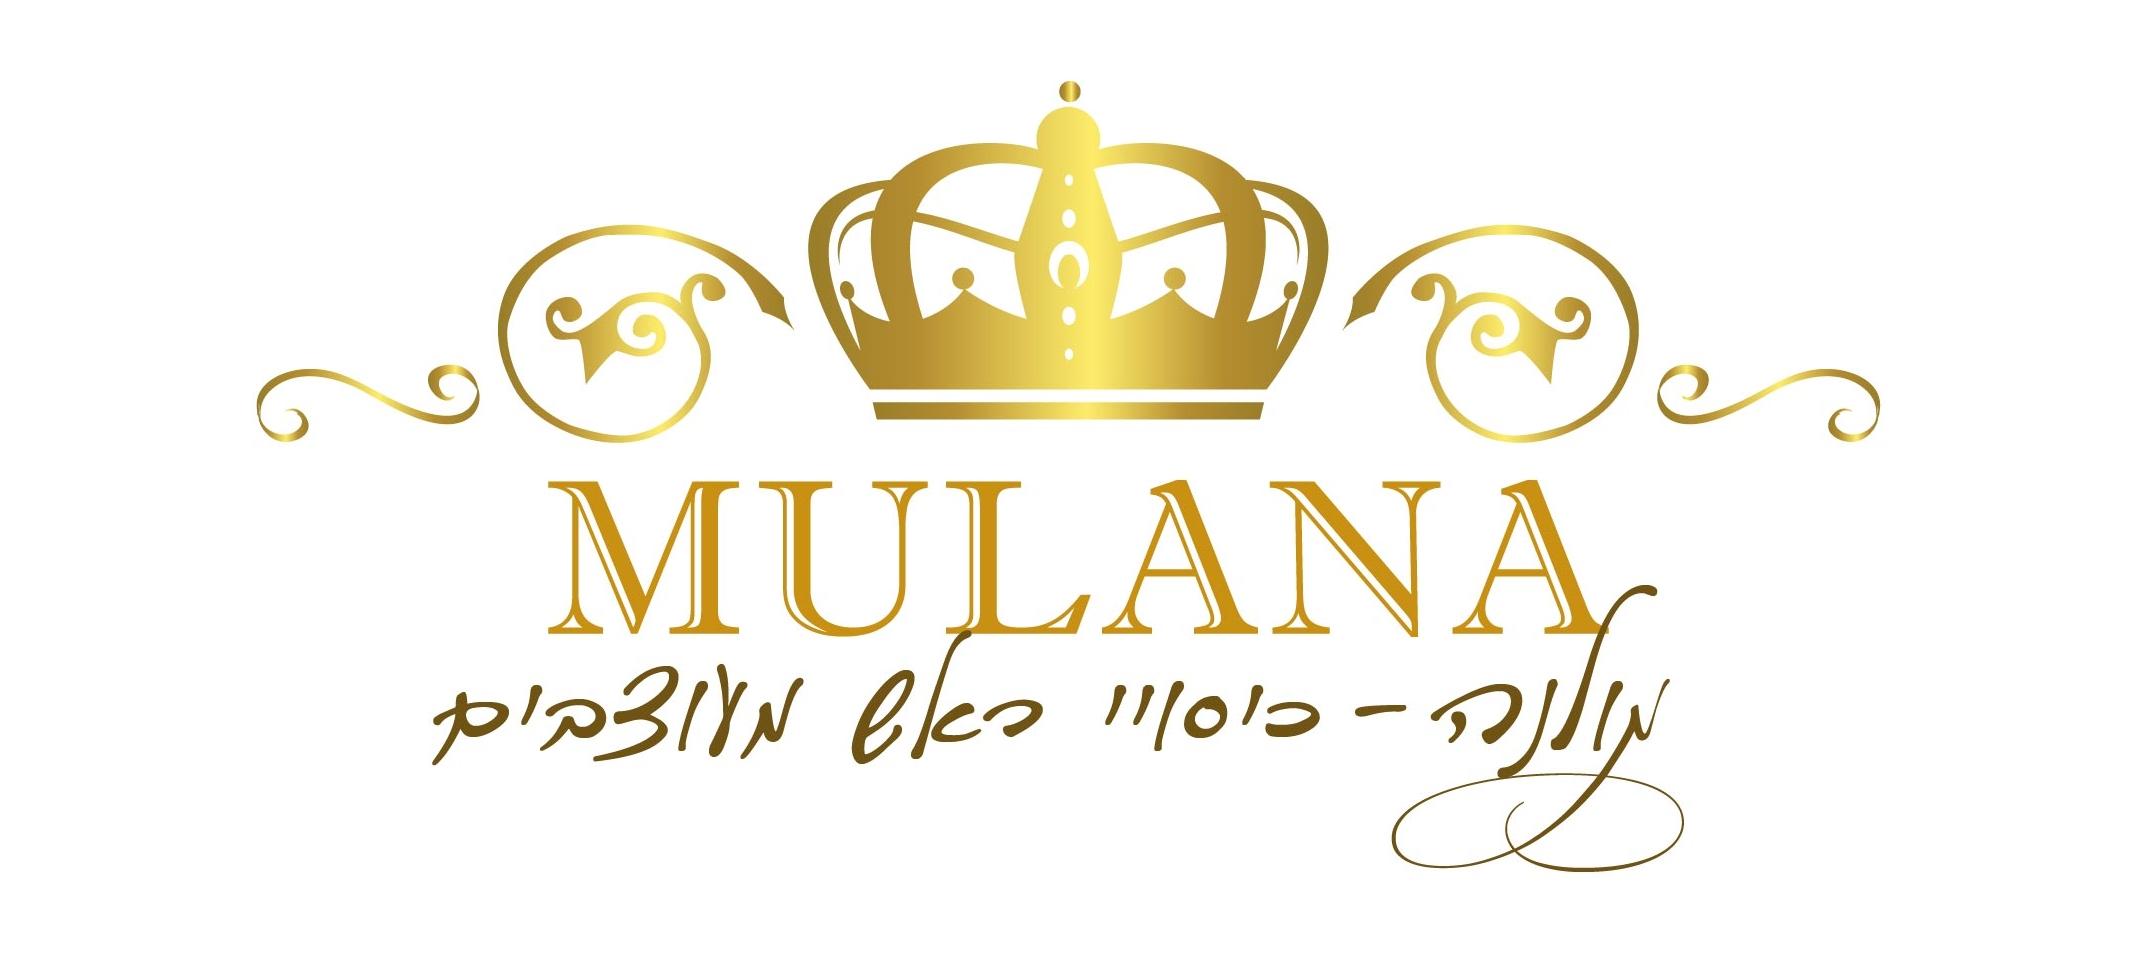 מולנה Mulana | כיסויי ראש מעוצבים |מטפחות מעוצבות|טורבנים מעוצבים |